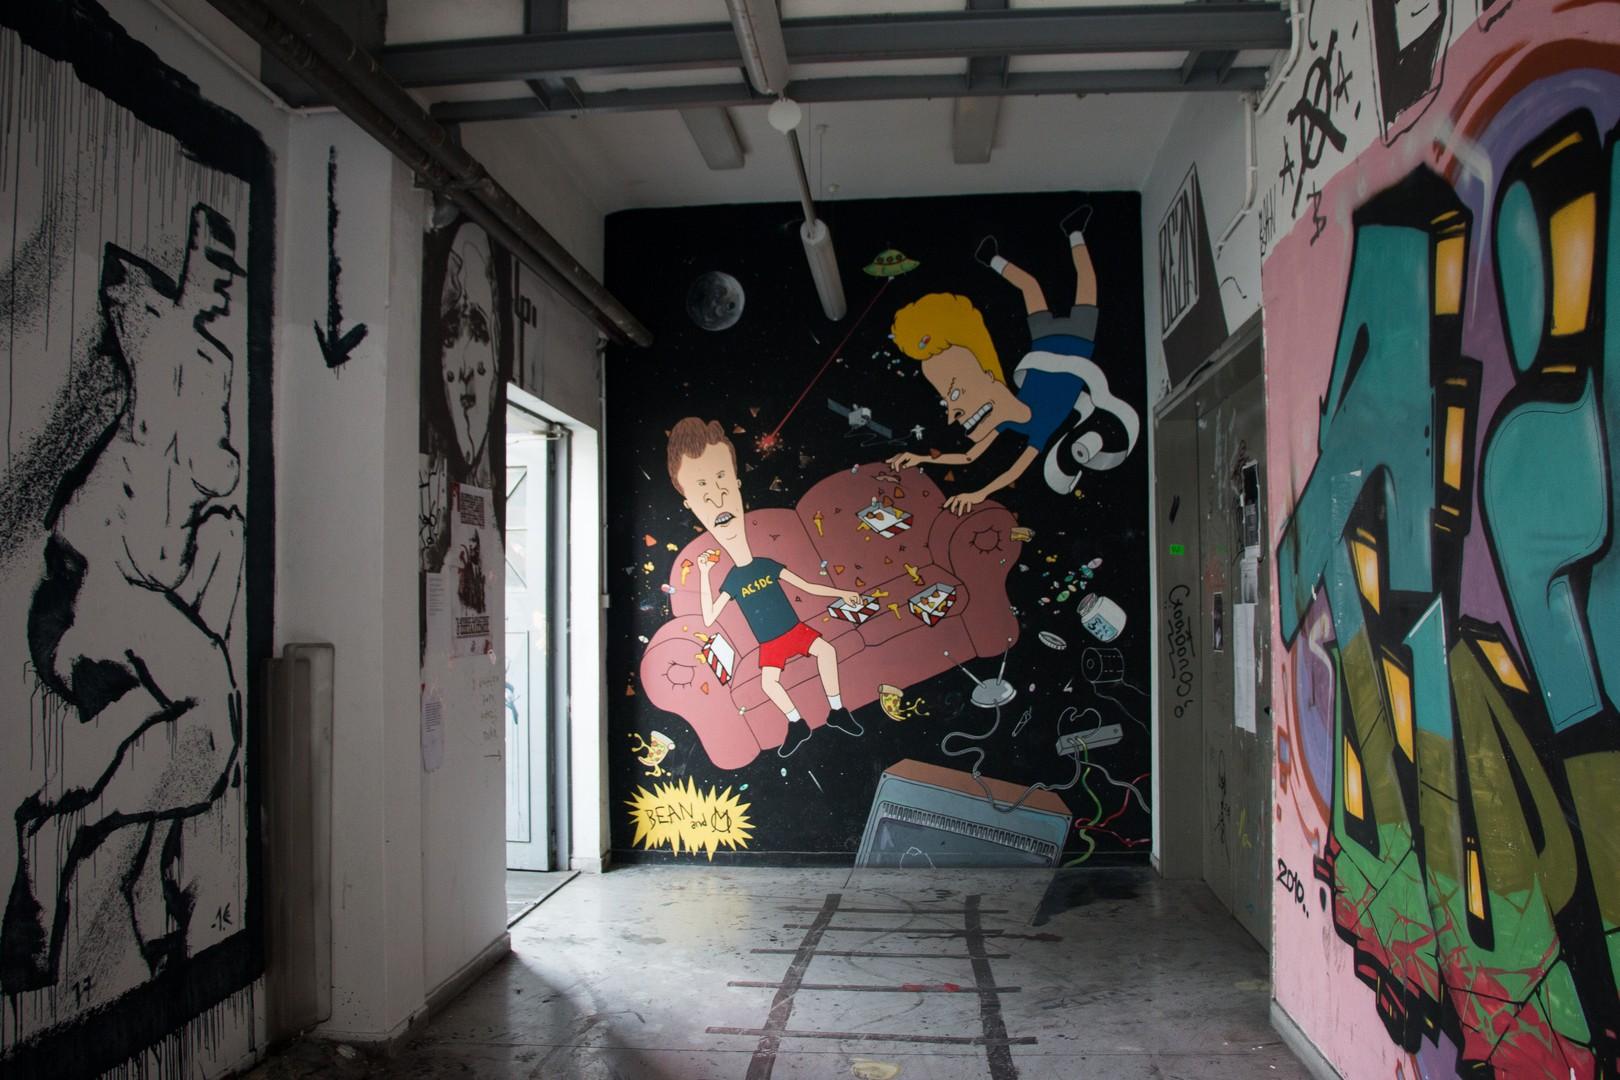 Τοιχογραφίες στους διαδρόμους της Σχολής ©Δανάη Κωτσάκη